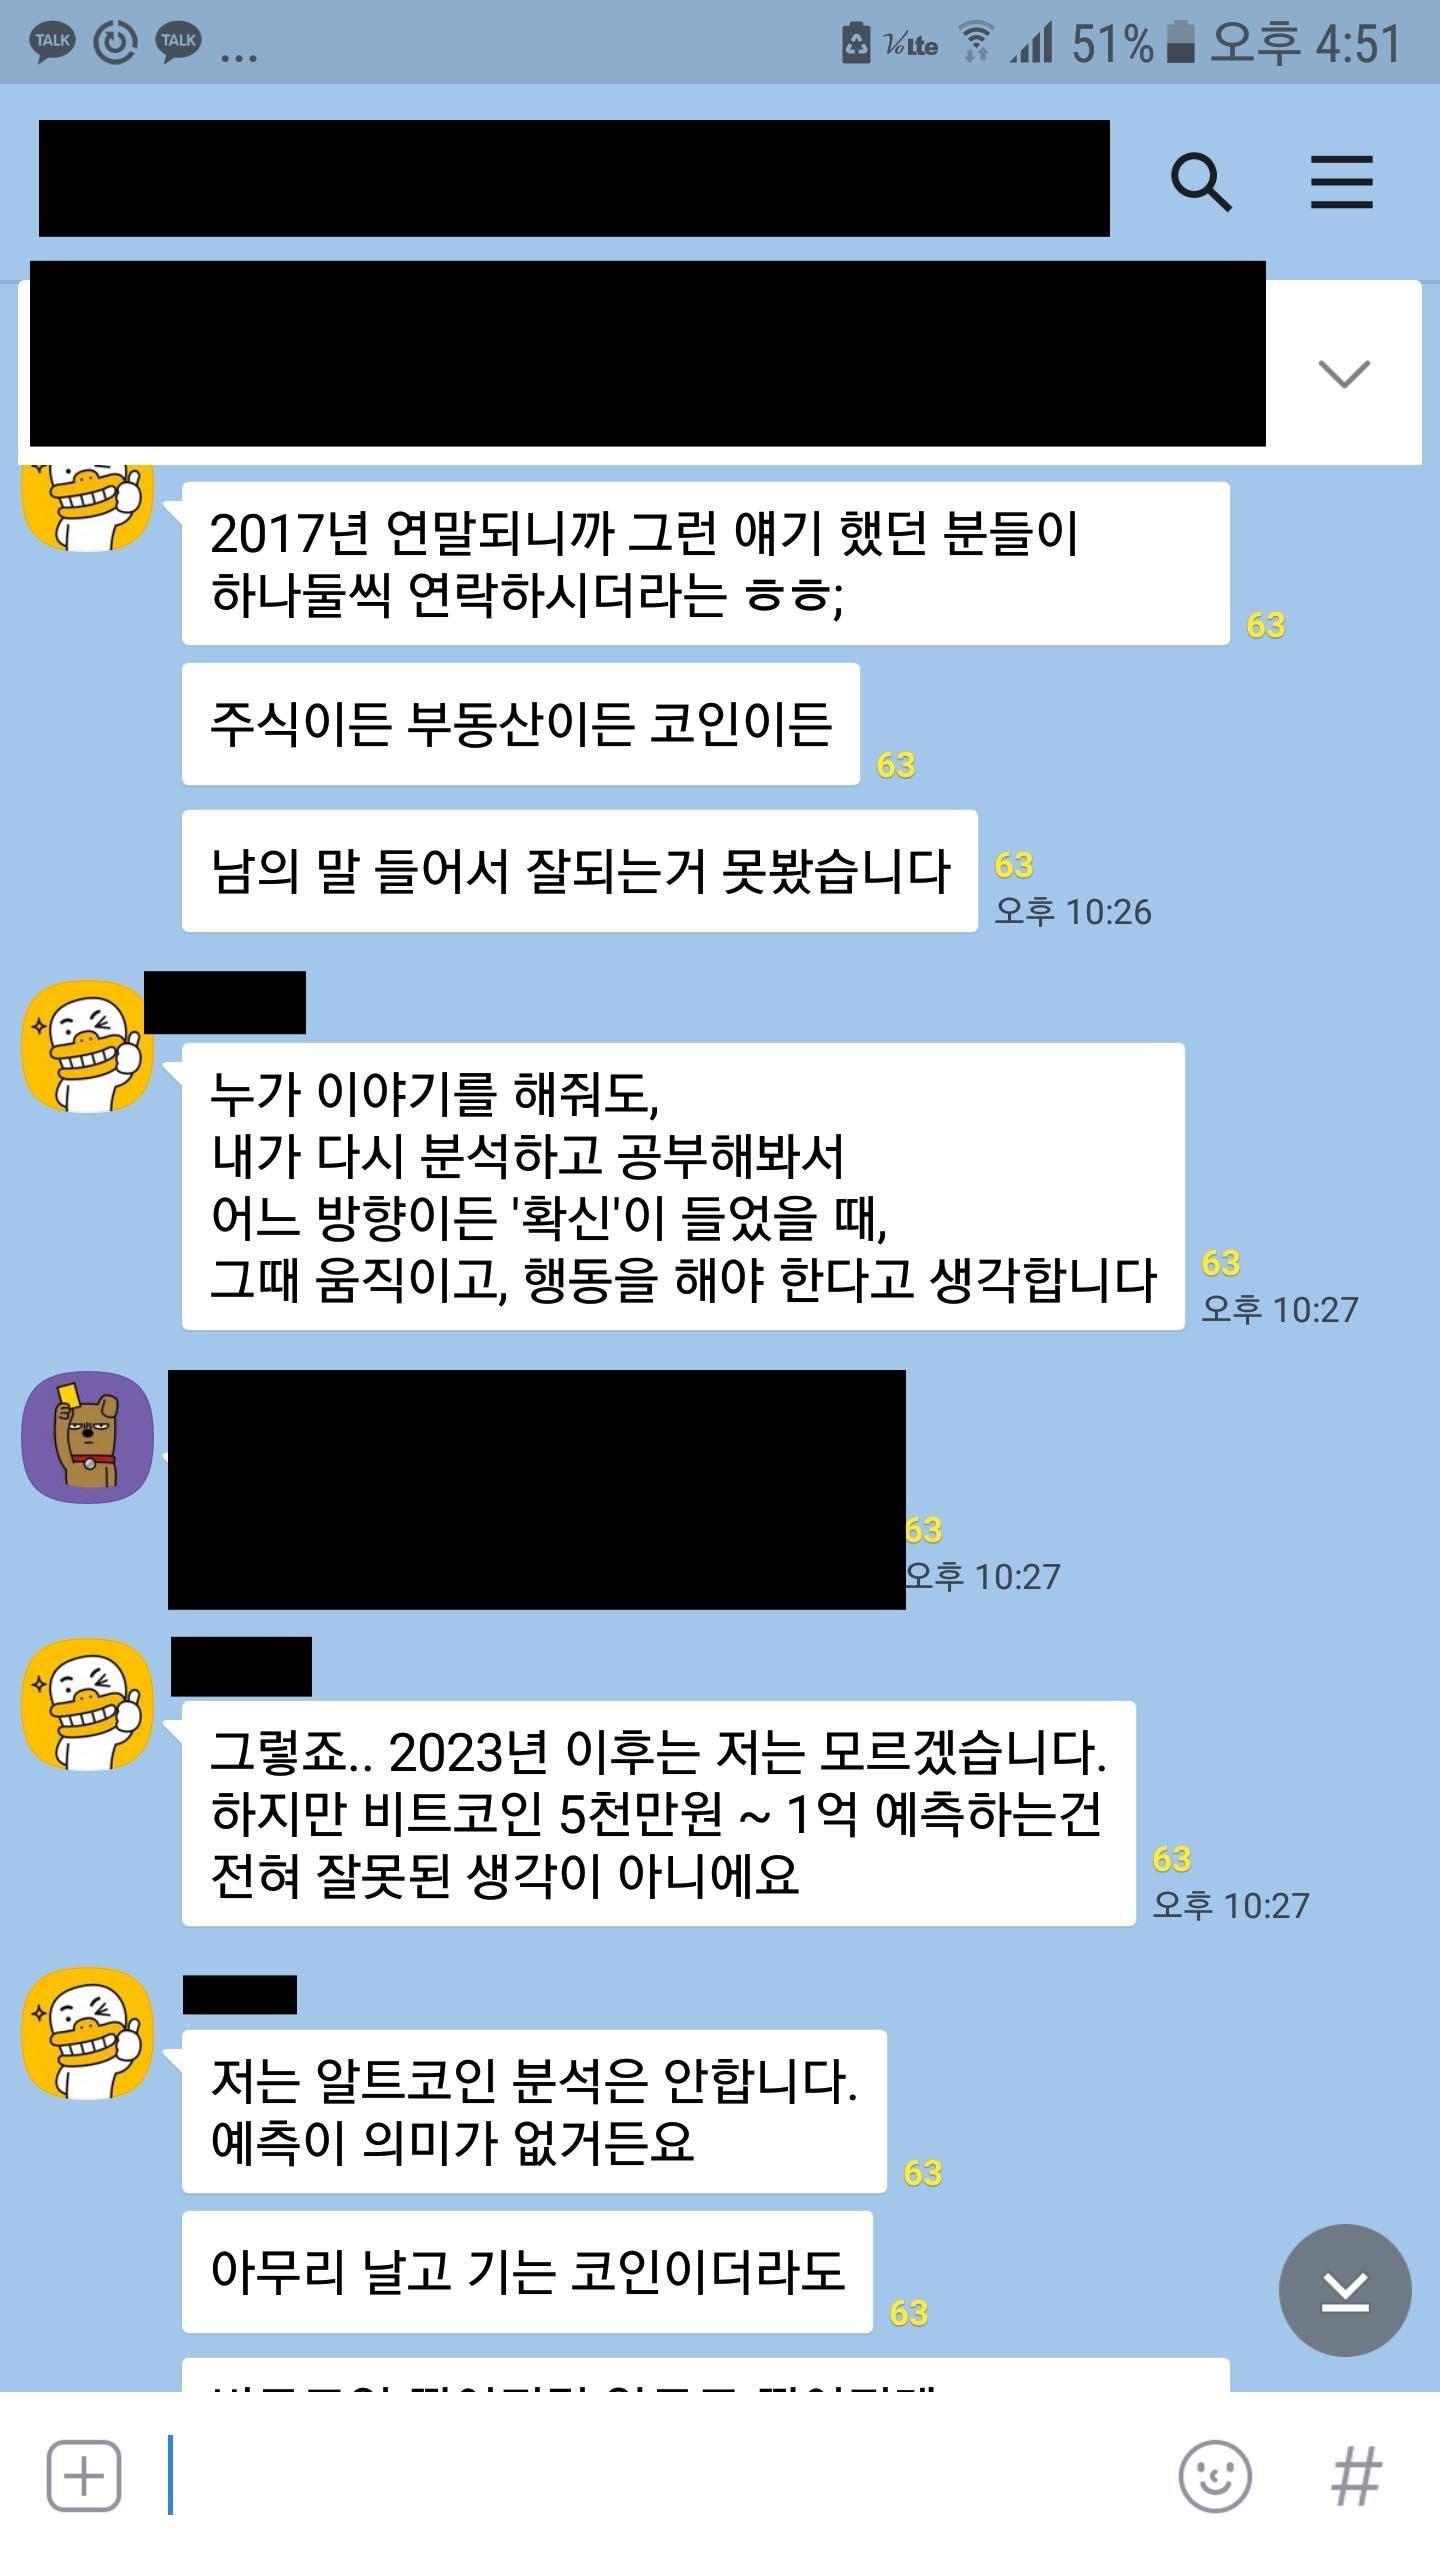 Screenshot_20190116-165148.jpg